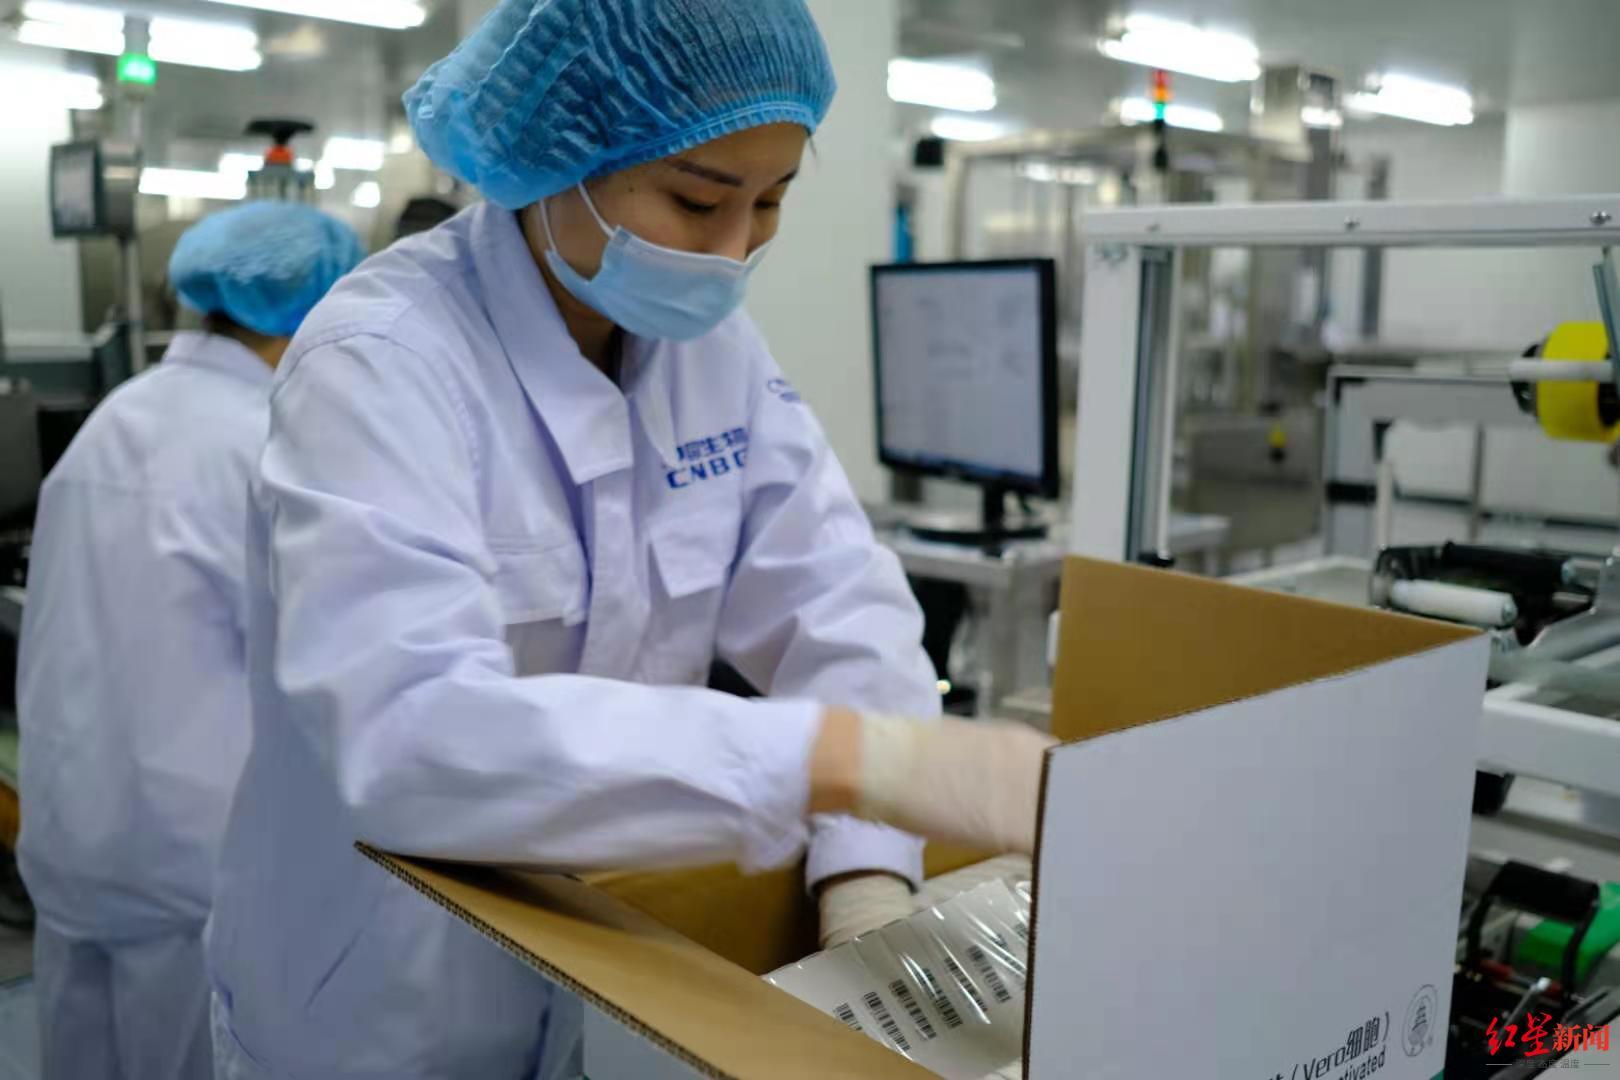 疫苗产量如何?接种年龄段何时能扩大?中国生物副总裁回应